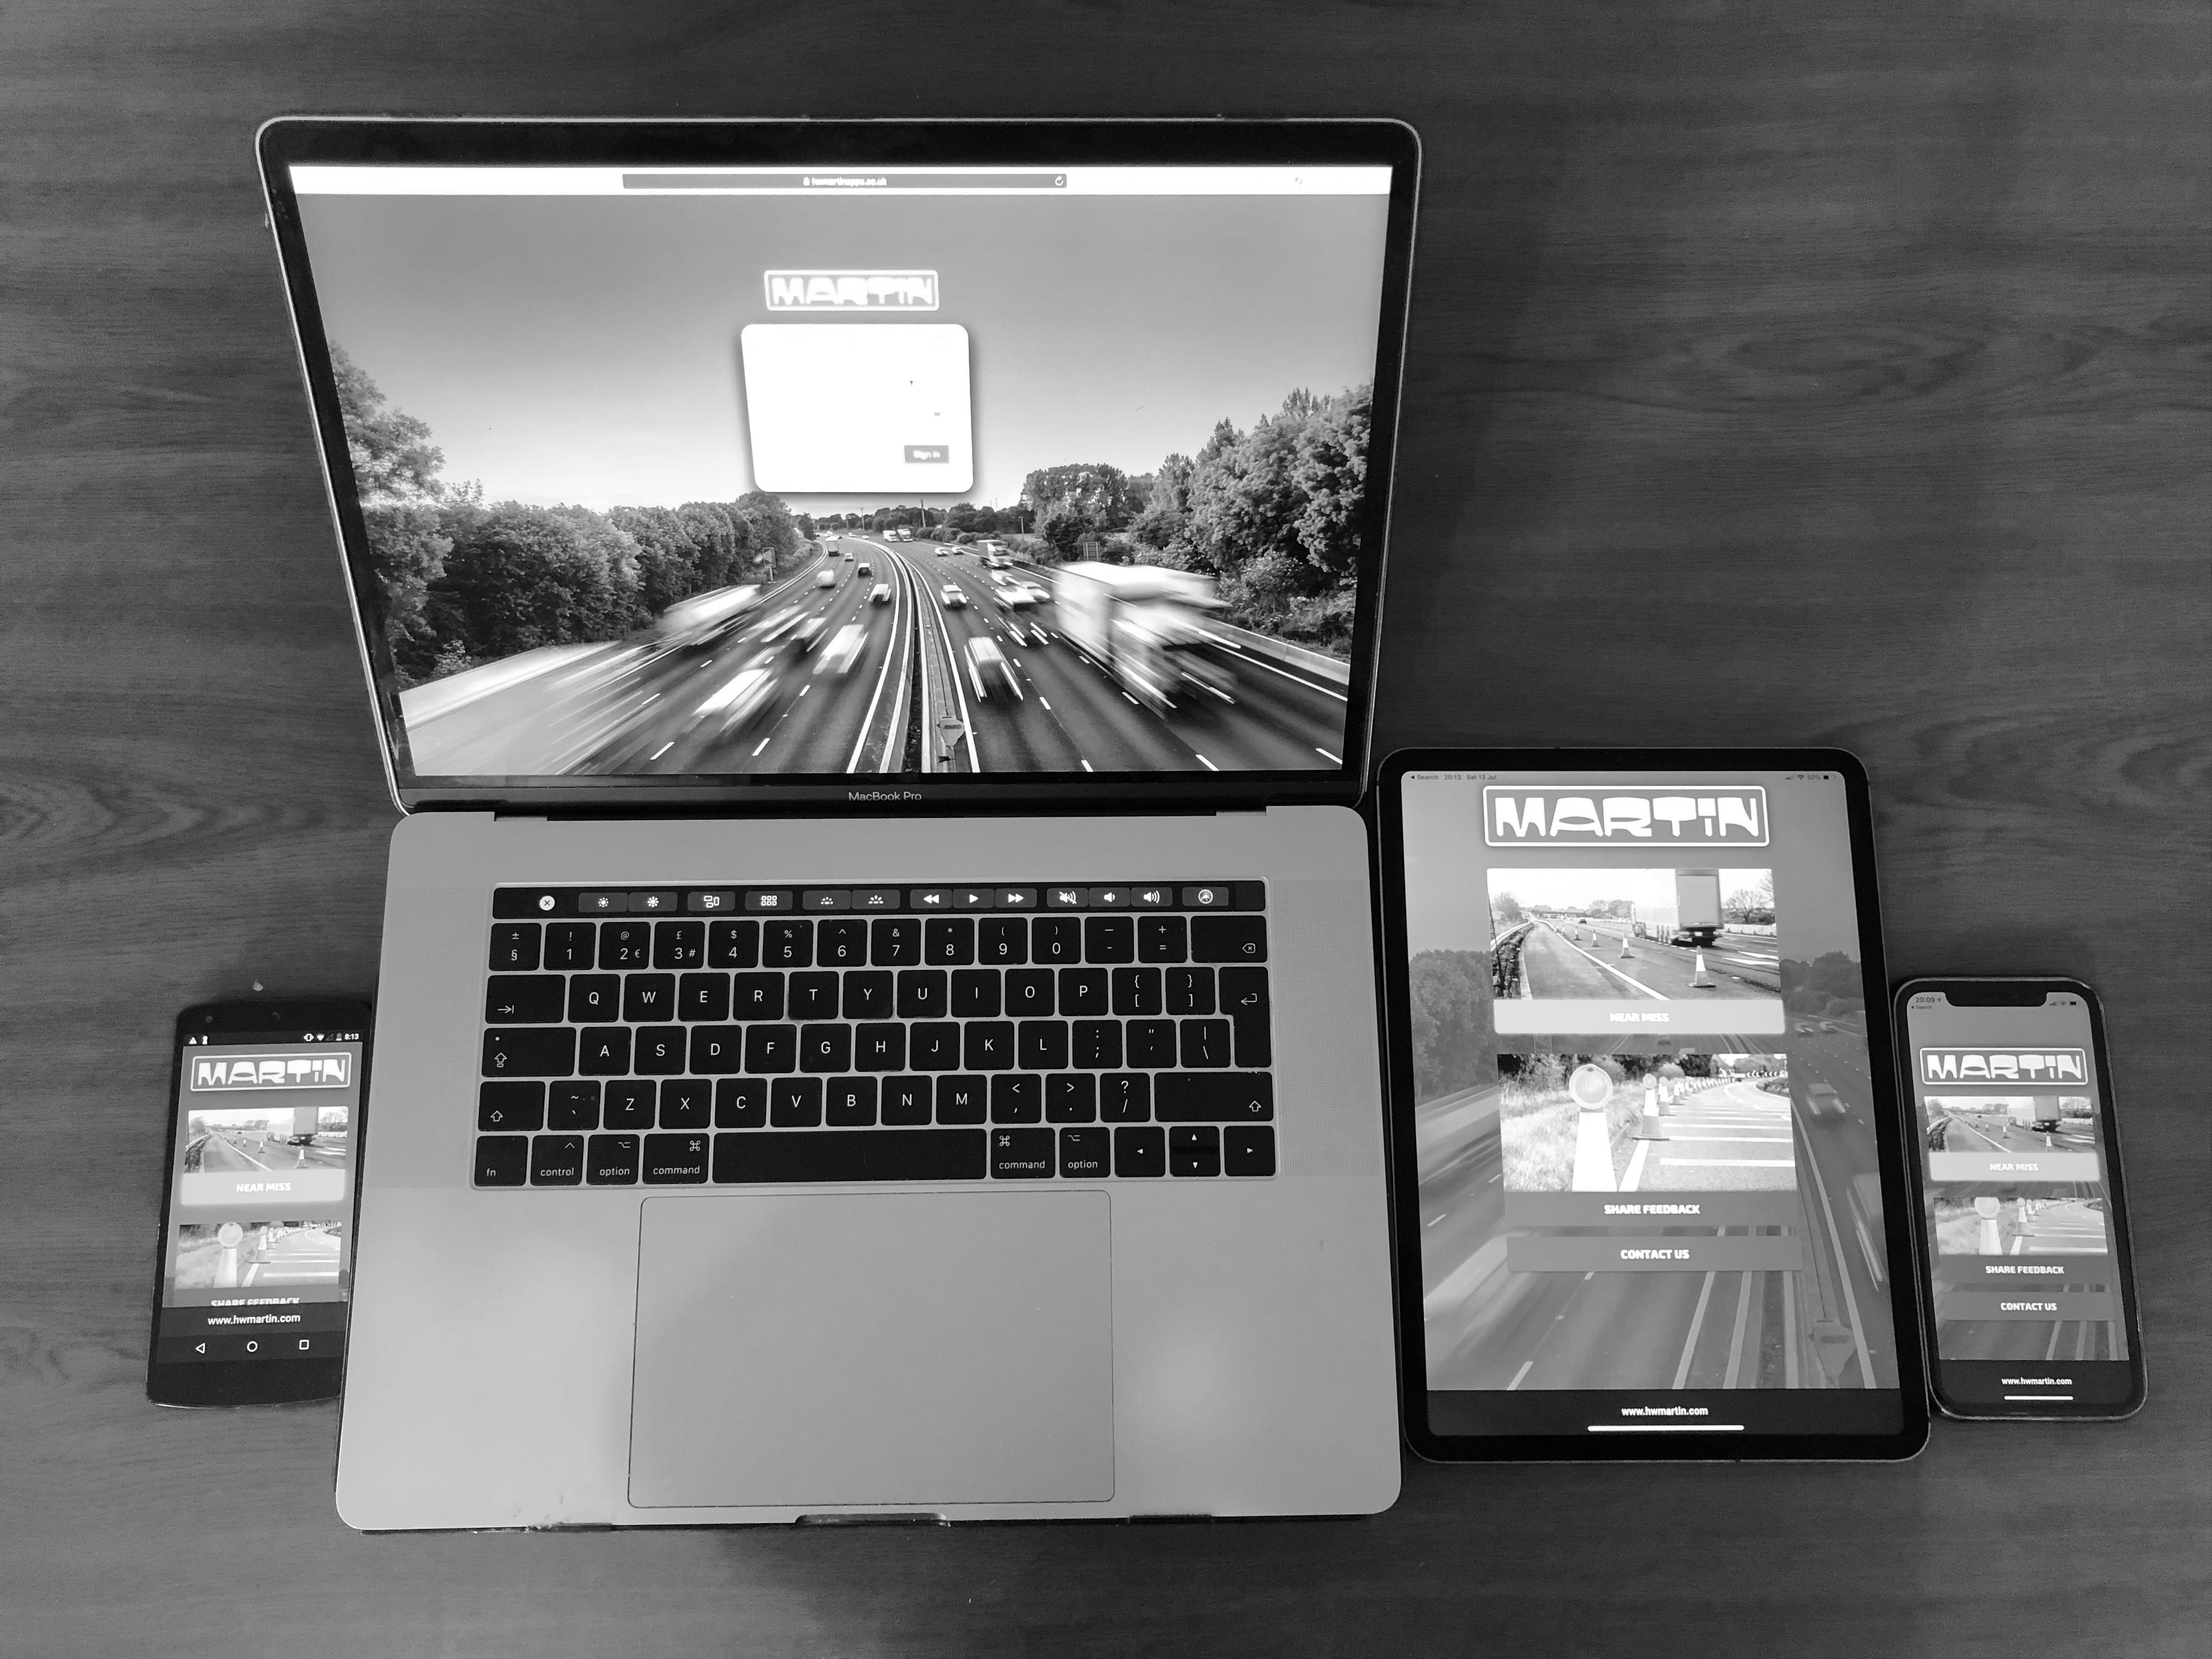 Martin App